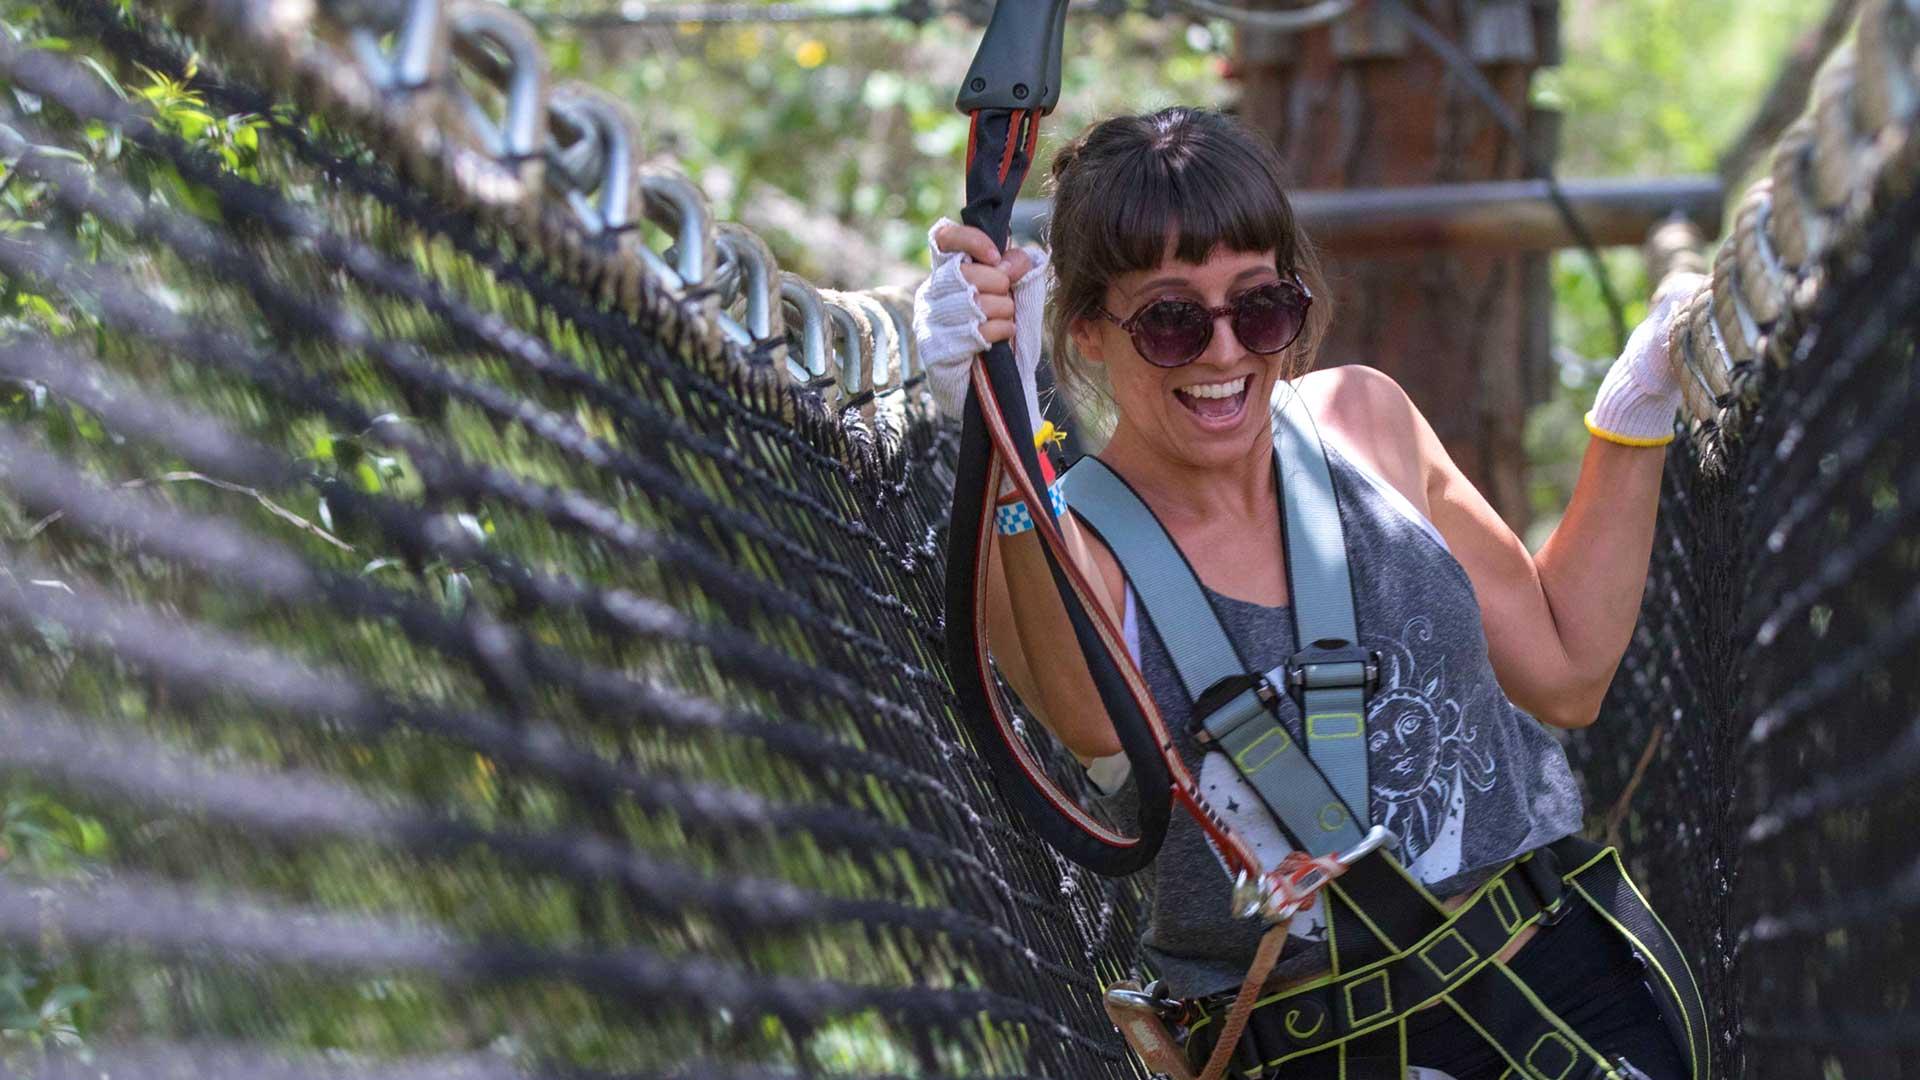 woman-on-net-bridge.jpg